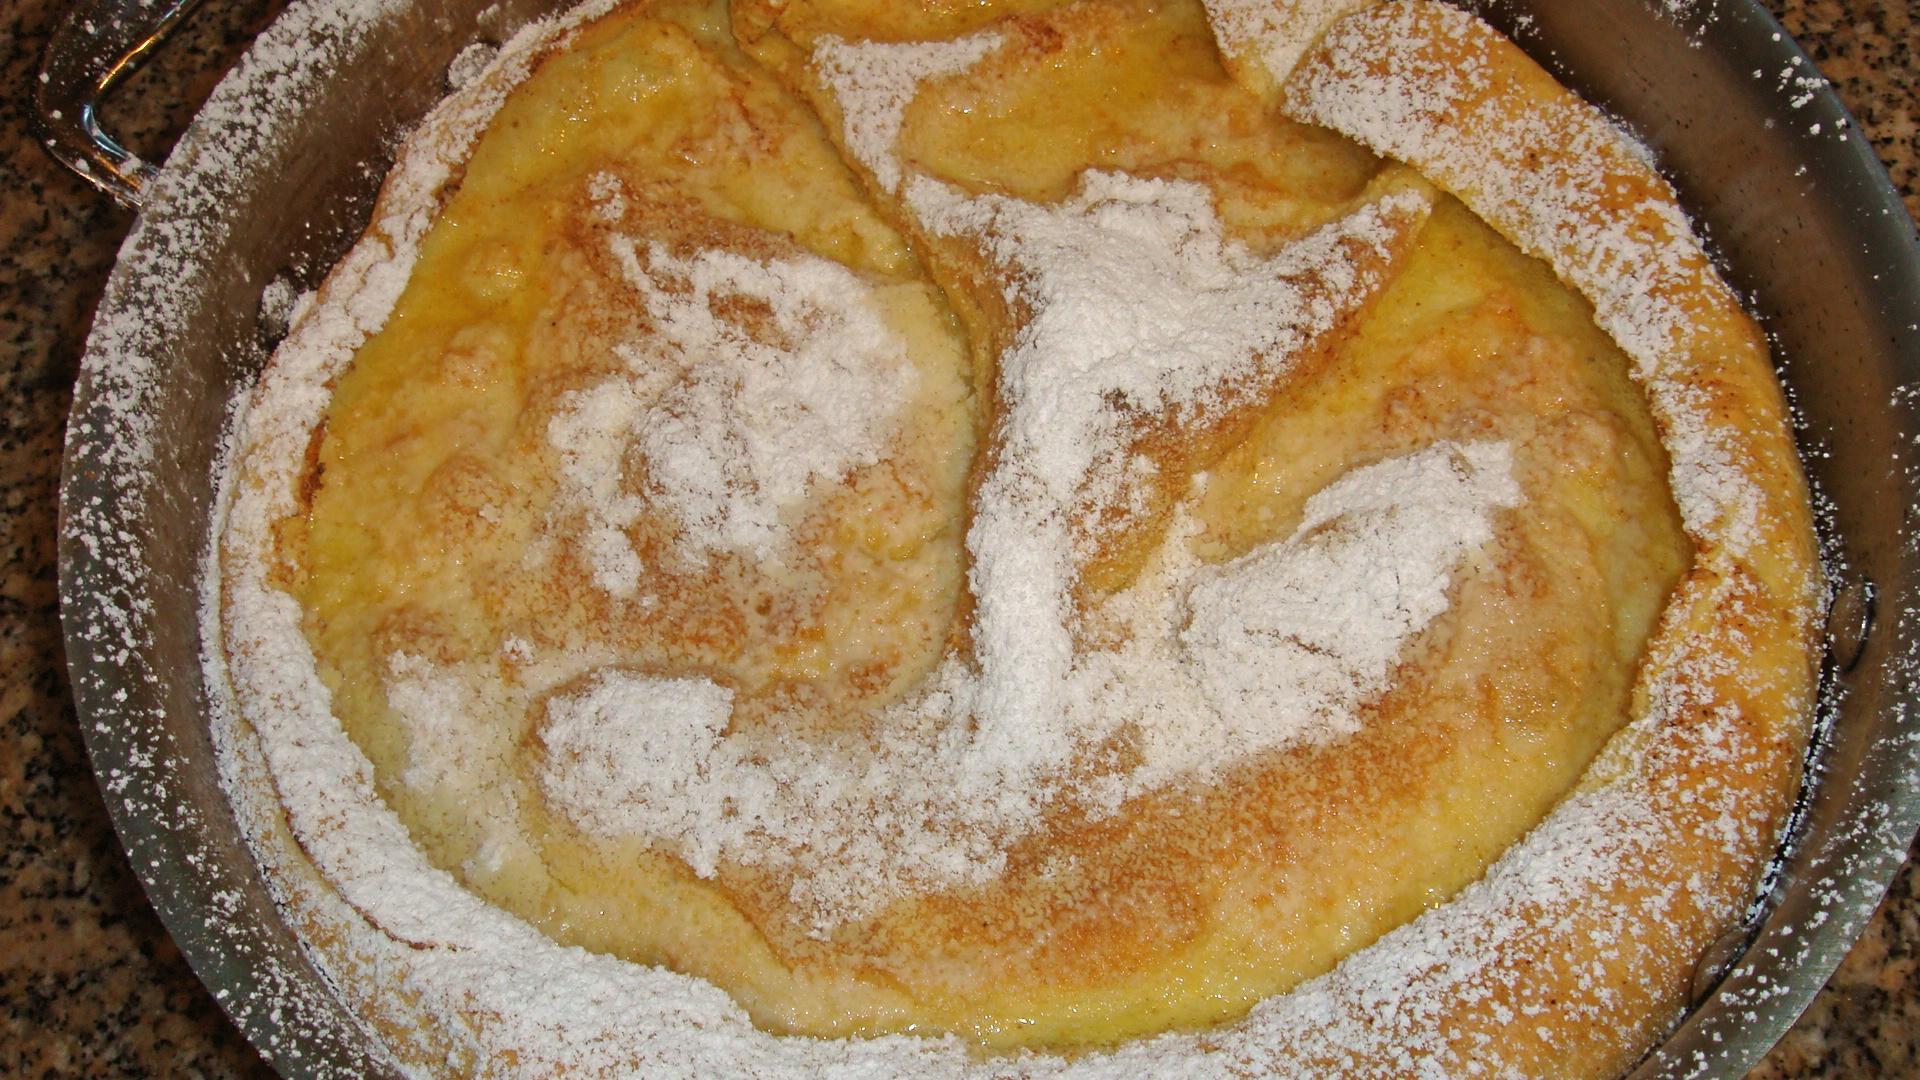 David Eyre's Pancake made Gluten-Free | Gluten-Free Baking & More